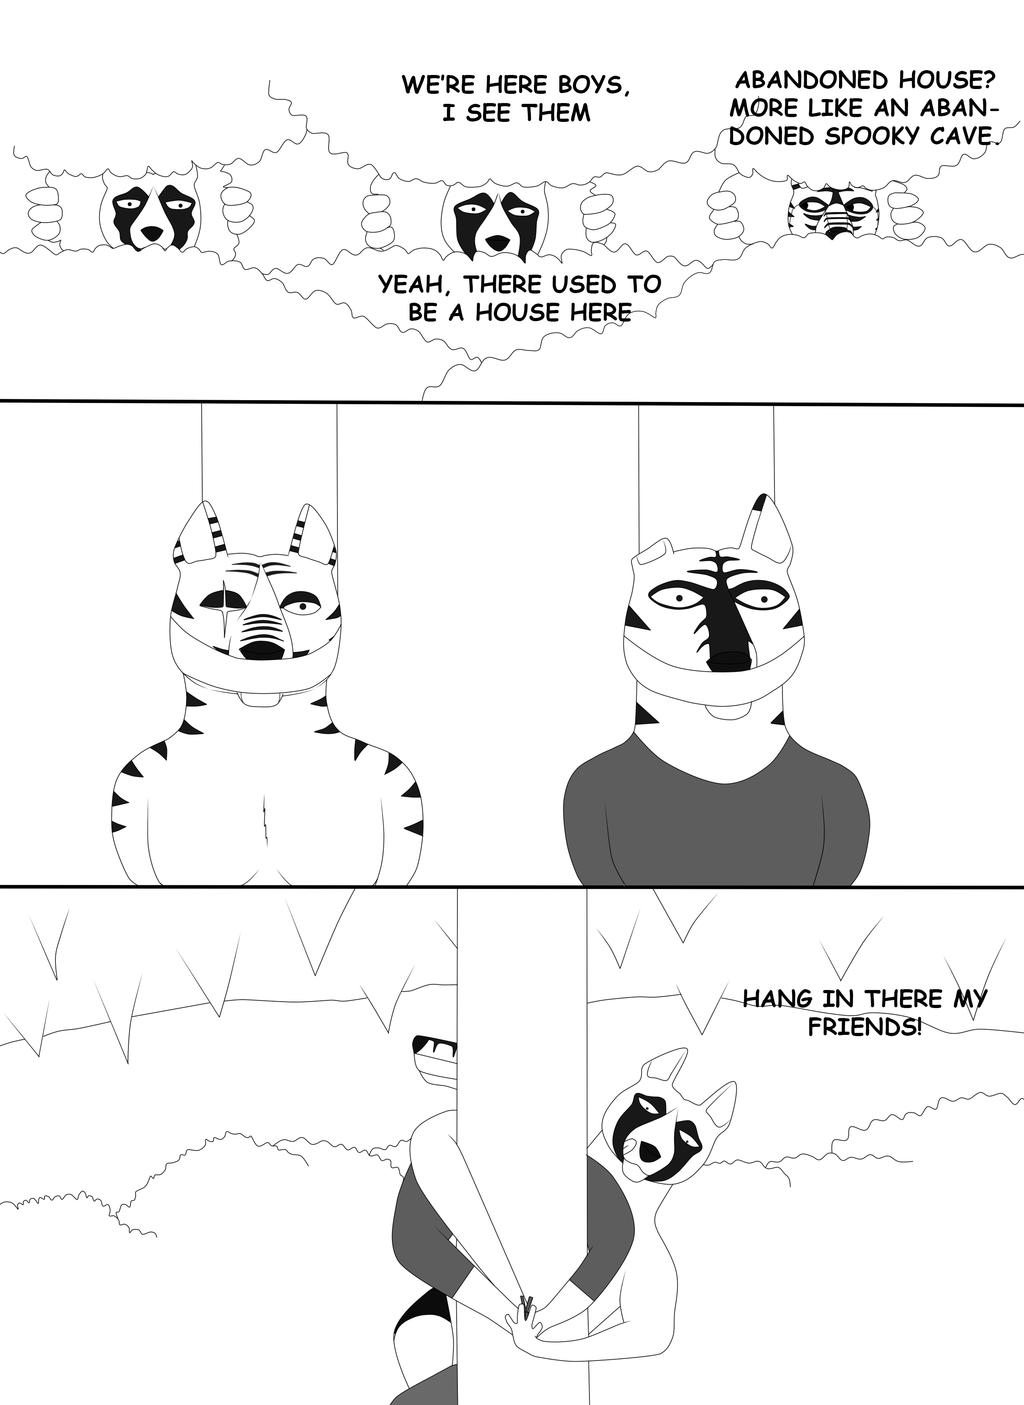 Akatora To The Rescue - pg.4